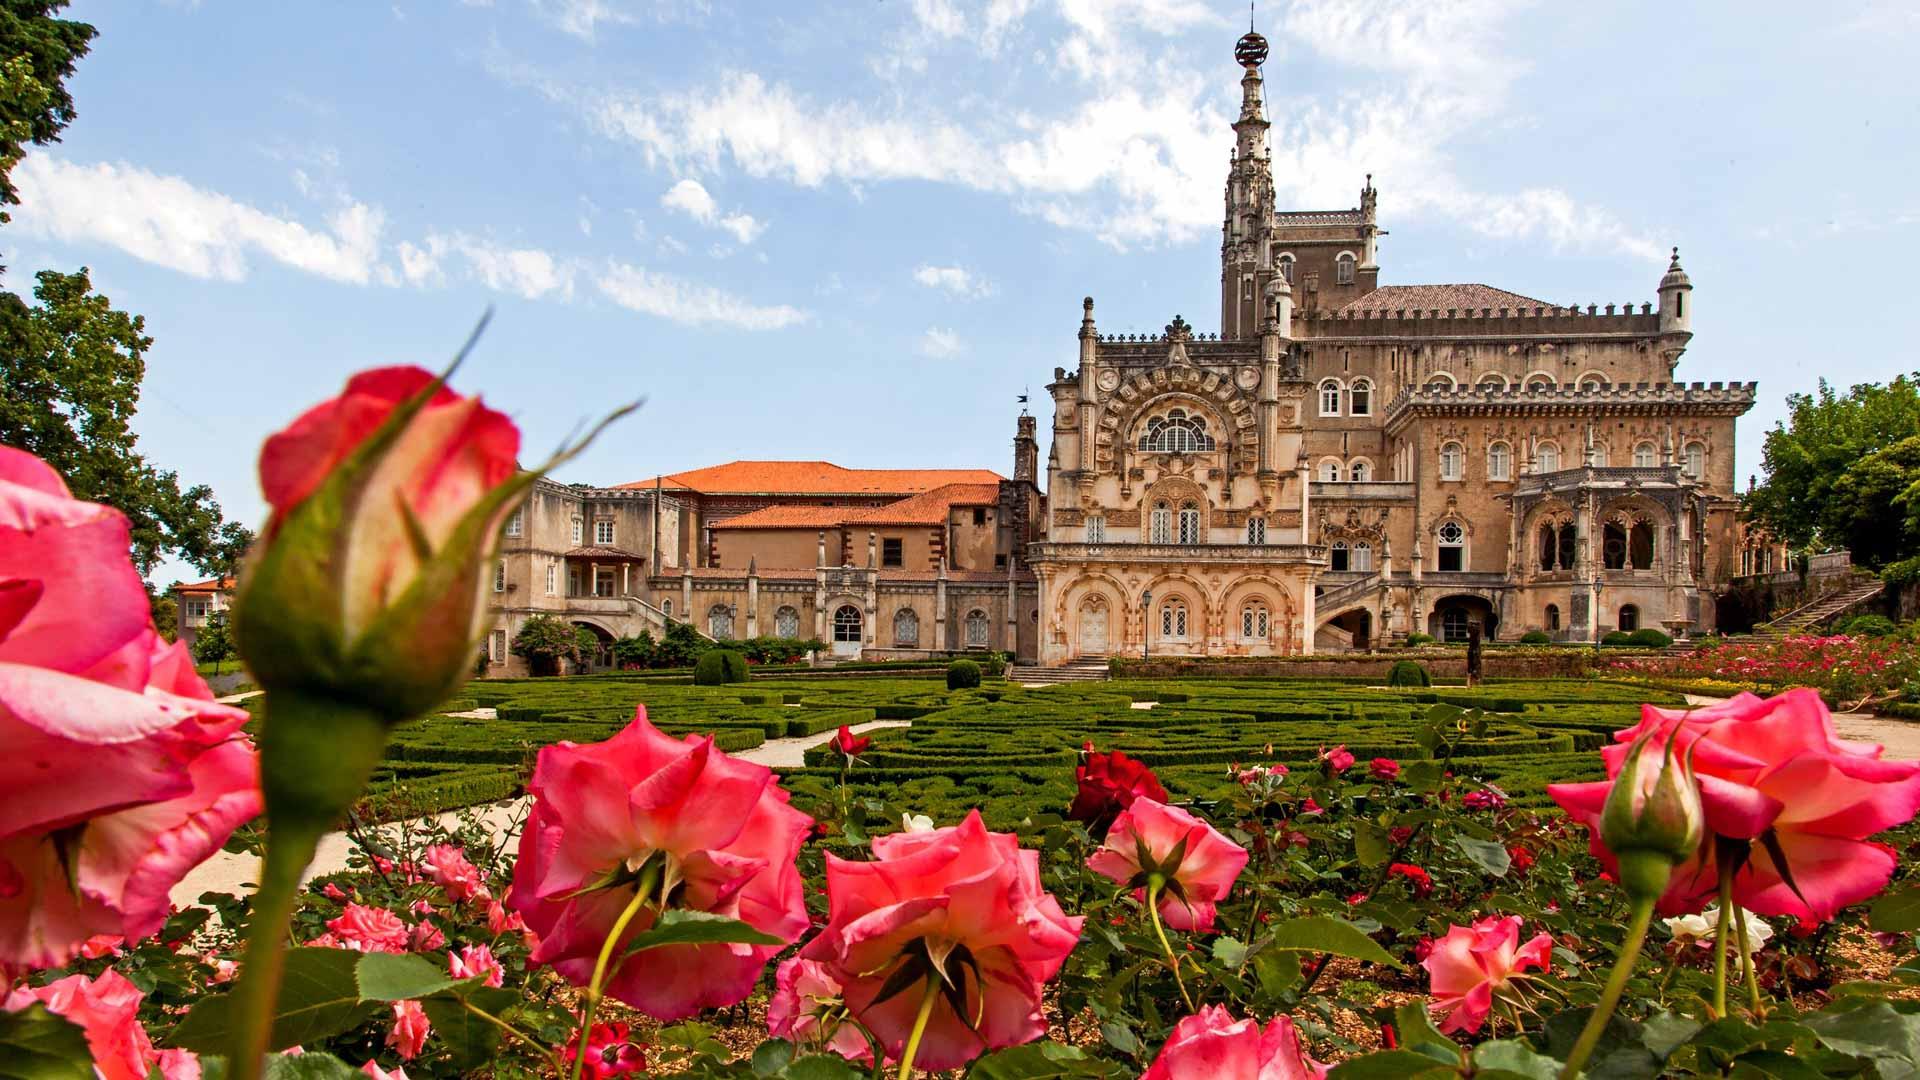 Estadias em edifícios históricos no Centro de Portugal